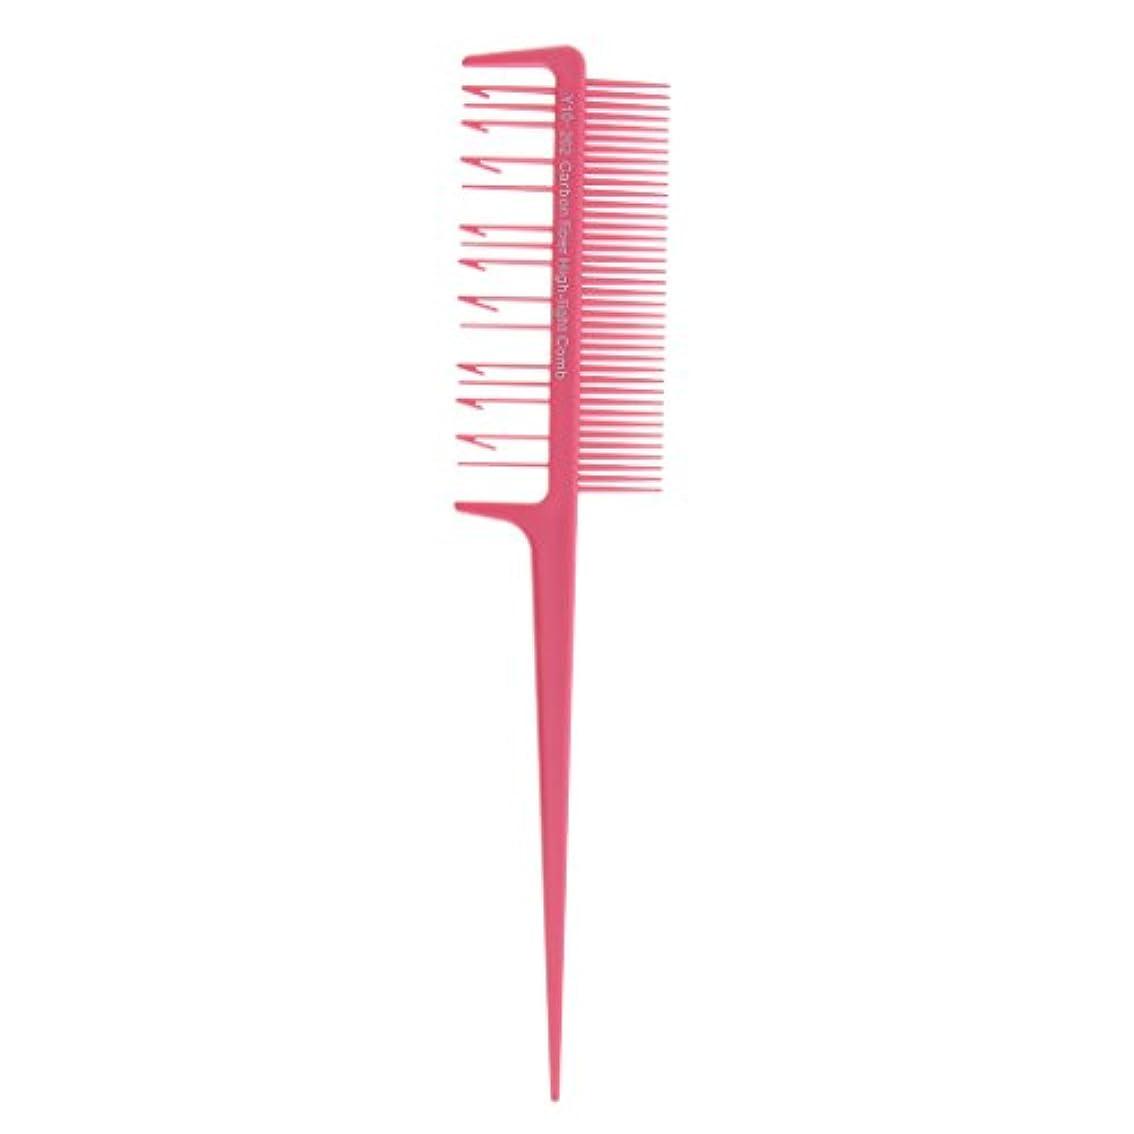 メンター掃除ミュージカルToygogo プラスチック ヘアダイ ブラシ コーム ヘアカラーブラシ ヘアブラシ 櫛 洗浄 簡単 便利 全4色選べる - ピンク, 説明したように